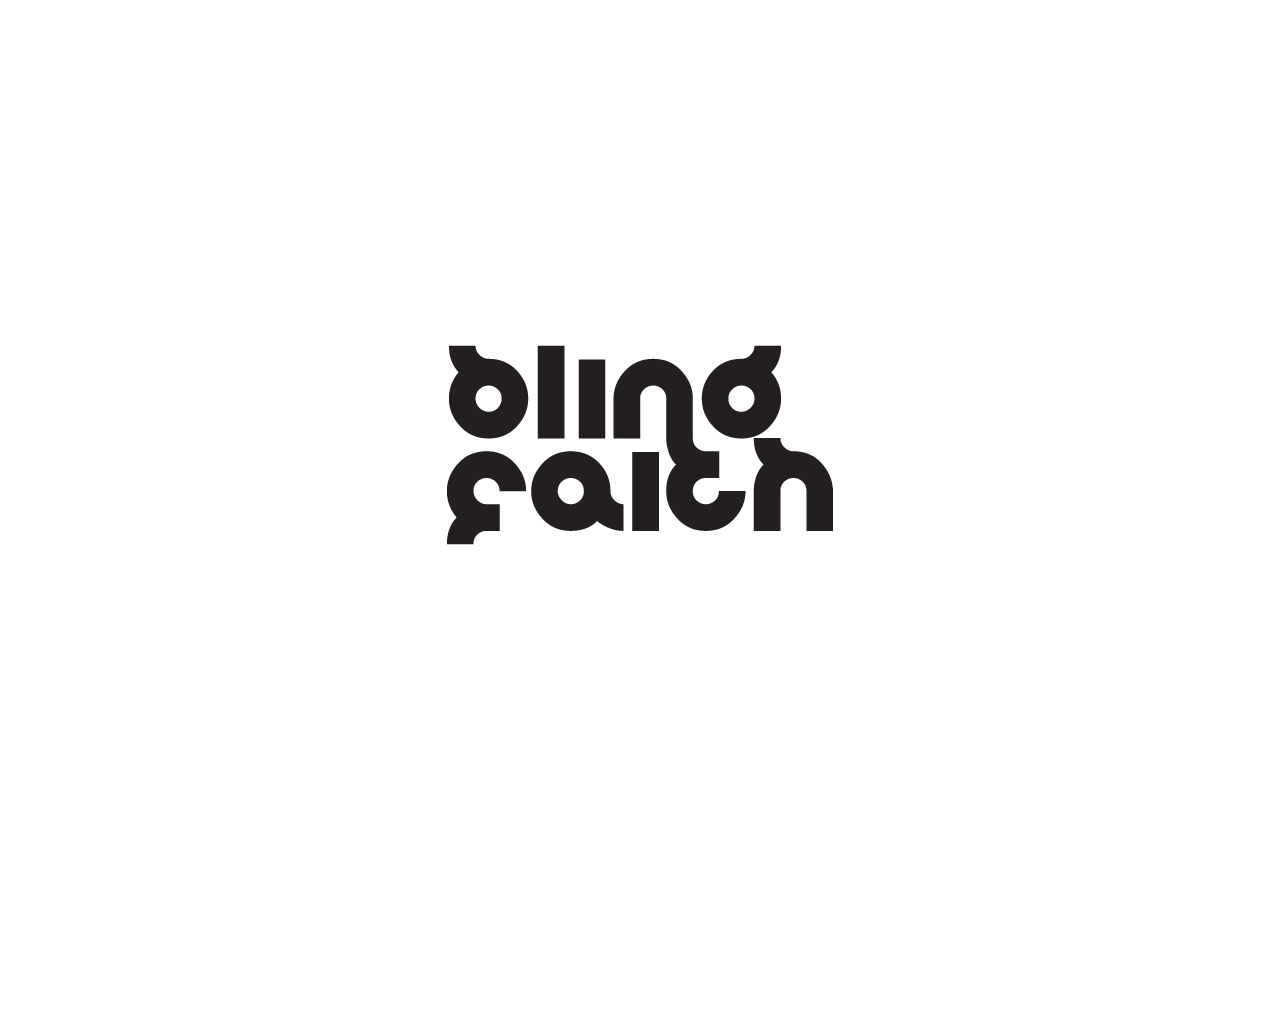 BLIND_FAITH_LOGO.jpg